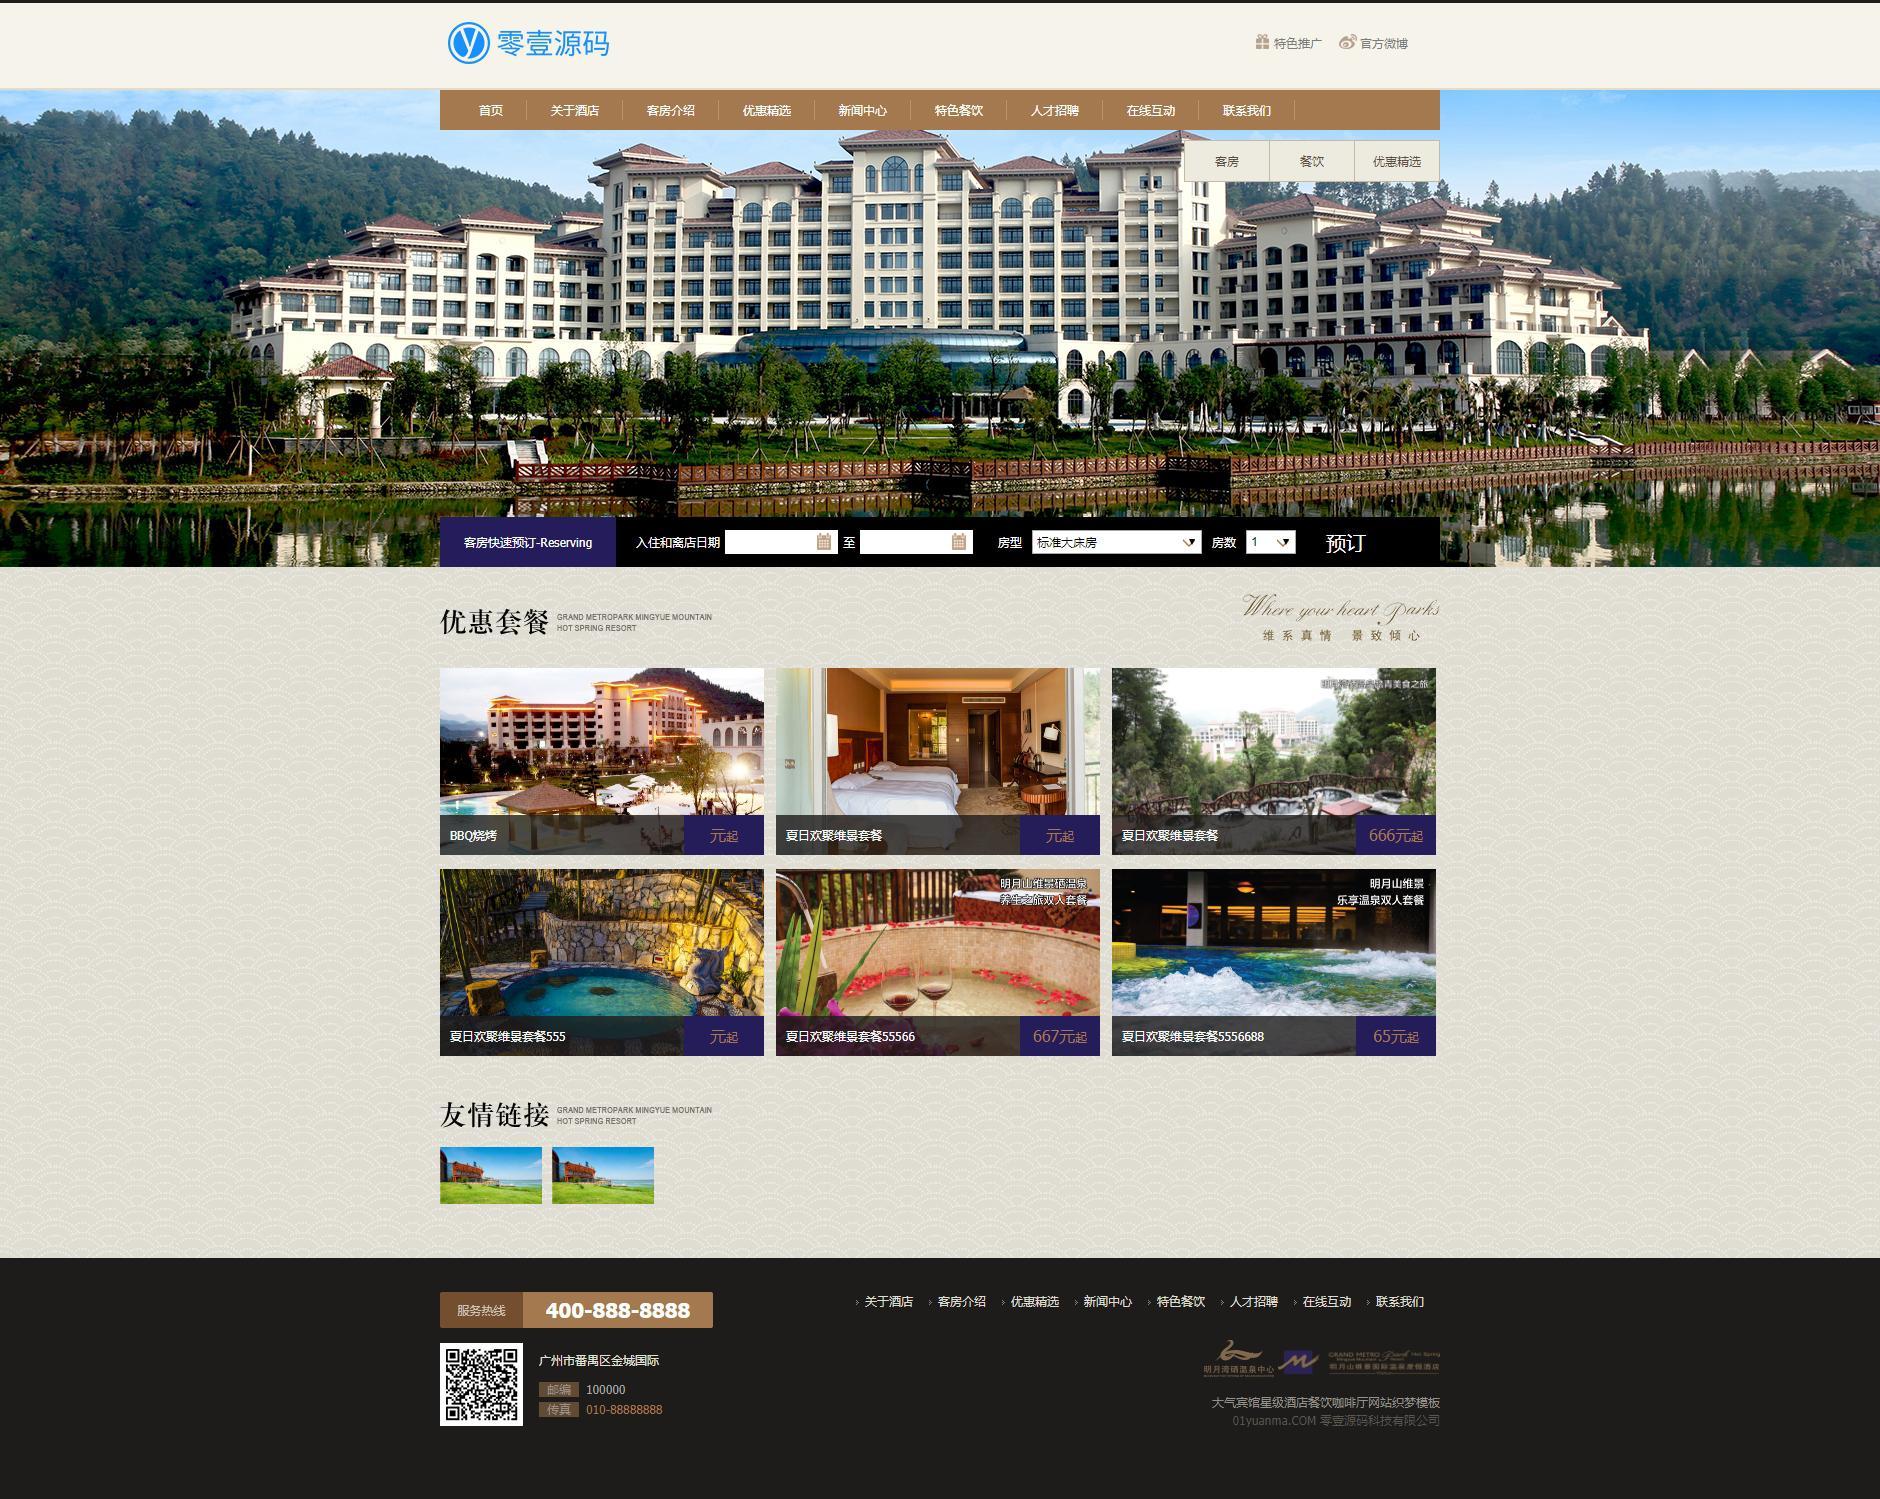 大气宾馆星级酒店餐饮咖啡厅网站织梦dedecms模板